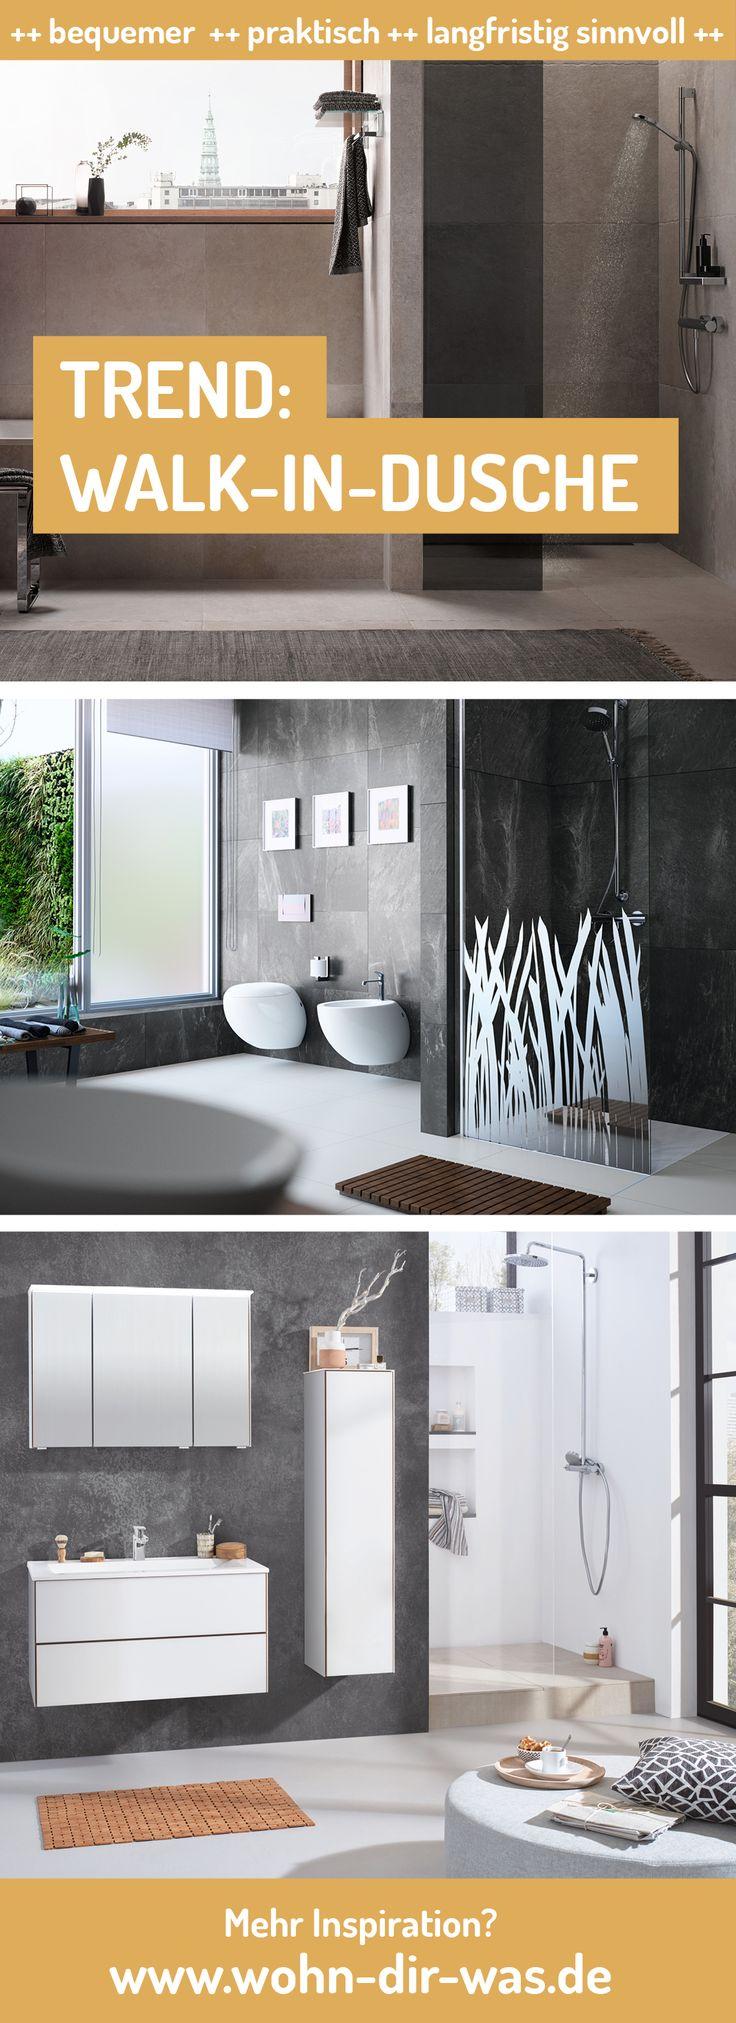 Praktisch und schön: Begehbare #Duschen sind voll im Trend – und als barrierefreie Lösung auch im Alter noch optimal. Alles Wichtige rund um Walk-in-Duschen unter www.wohn-dir-was.de  Bildmaterial (c) PURIS, KEUCO, HÜPPE